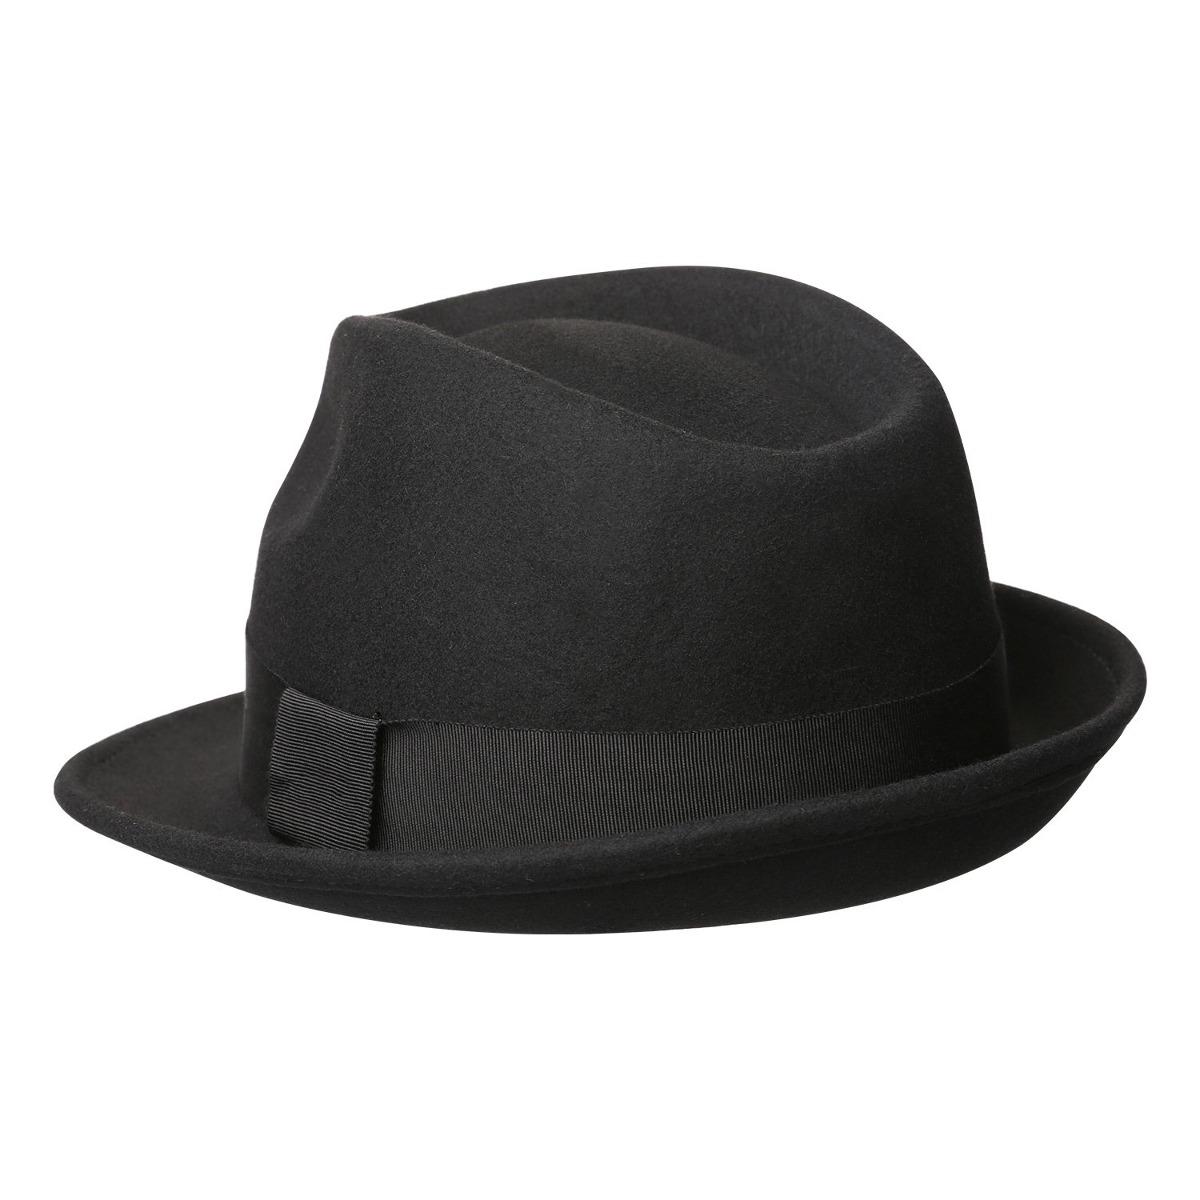 sedancasesa sombrero fedora fedora para hombre sombreros. Cargando zoom. 5712e3e01c81